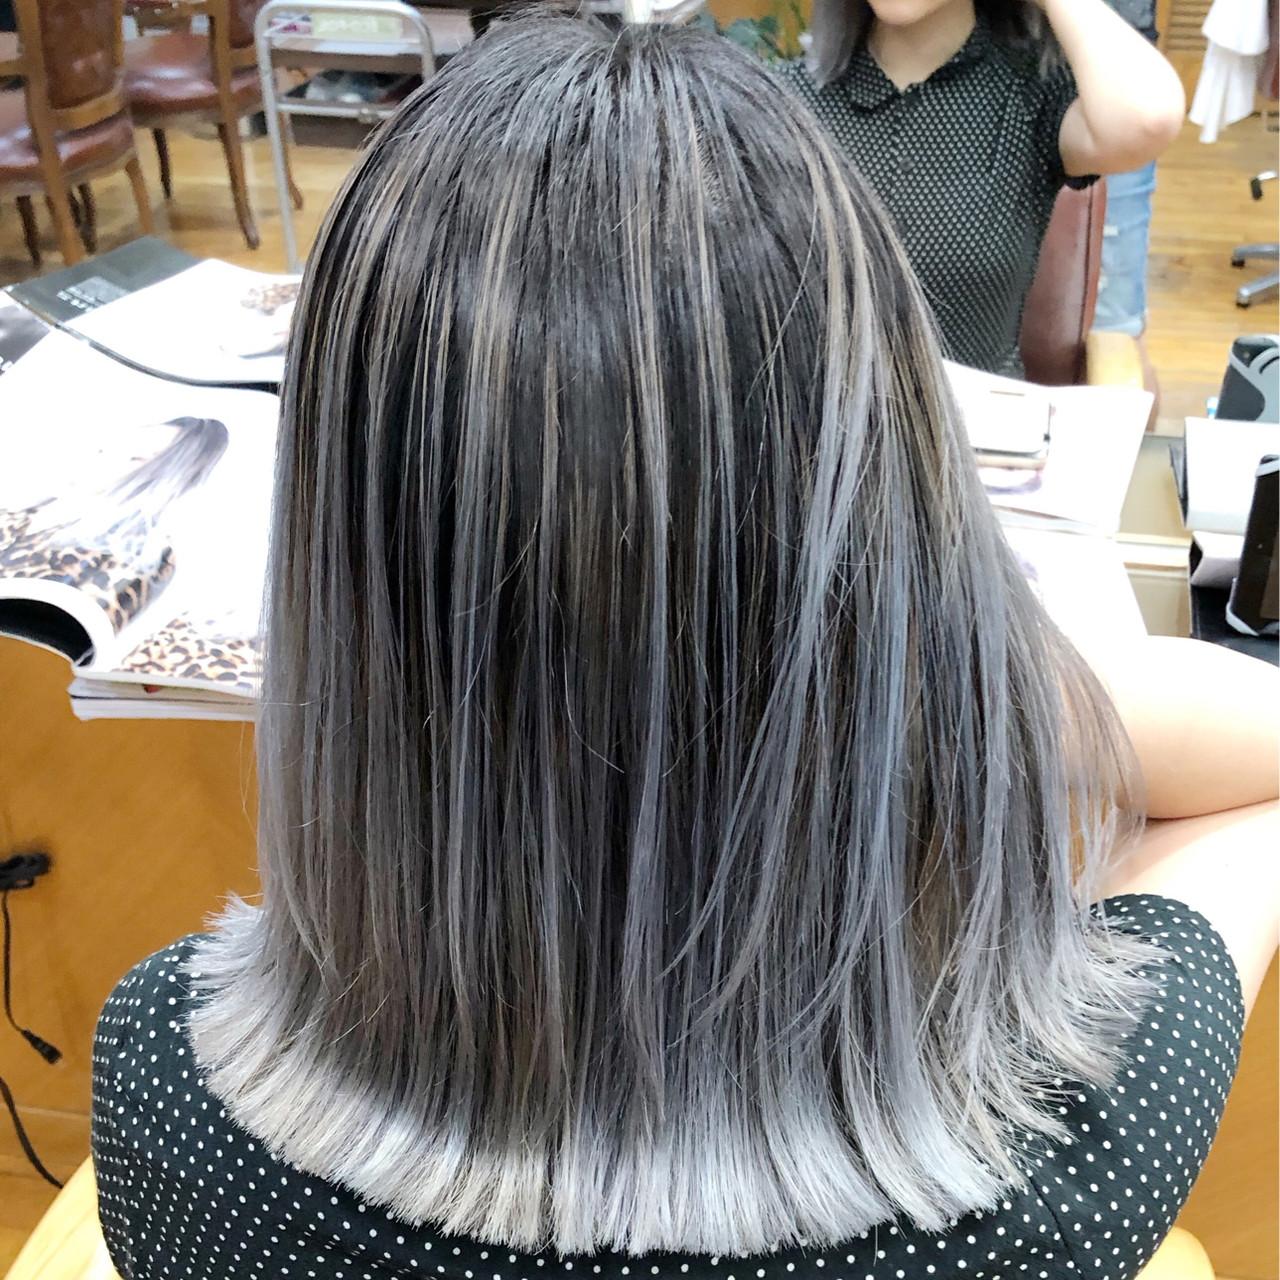 ホワイトブリーチ フェミニン アッシュグレー 外国人風カラー ヘアスタイルや髪型の写真・画像 | 蝦名貴之 / KINTARO